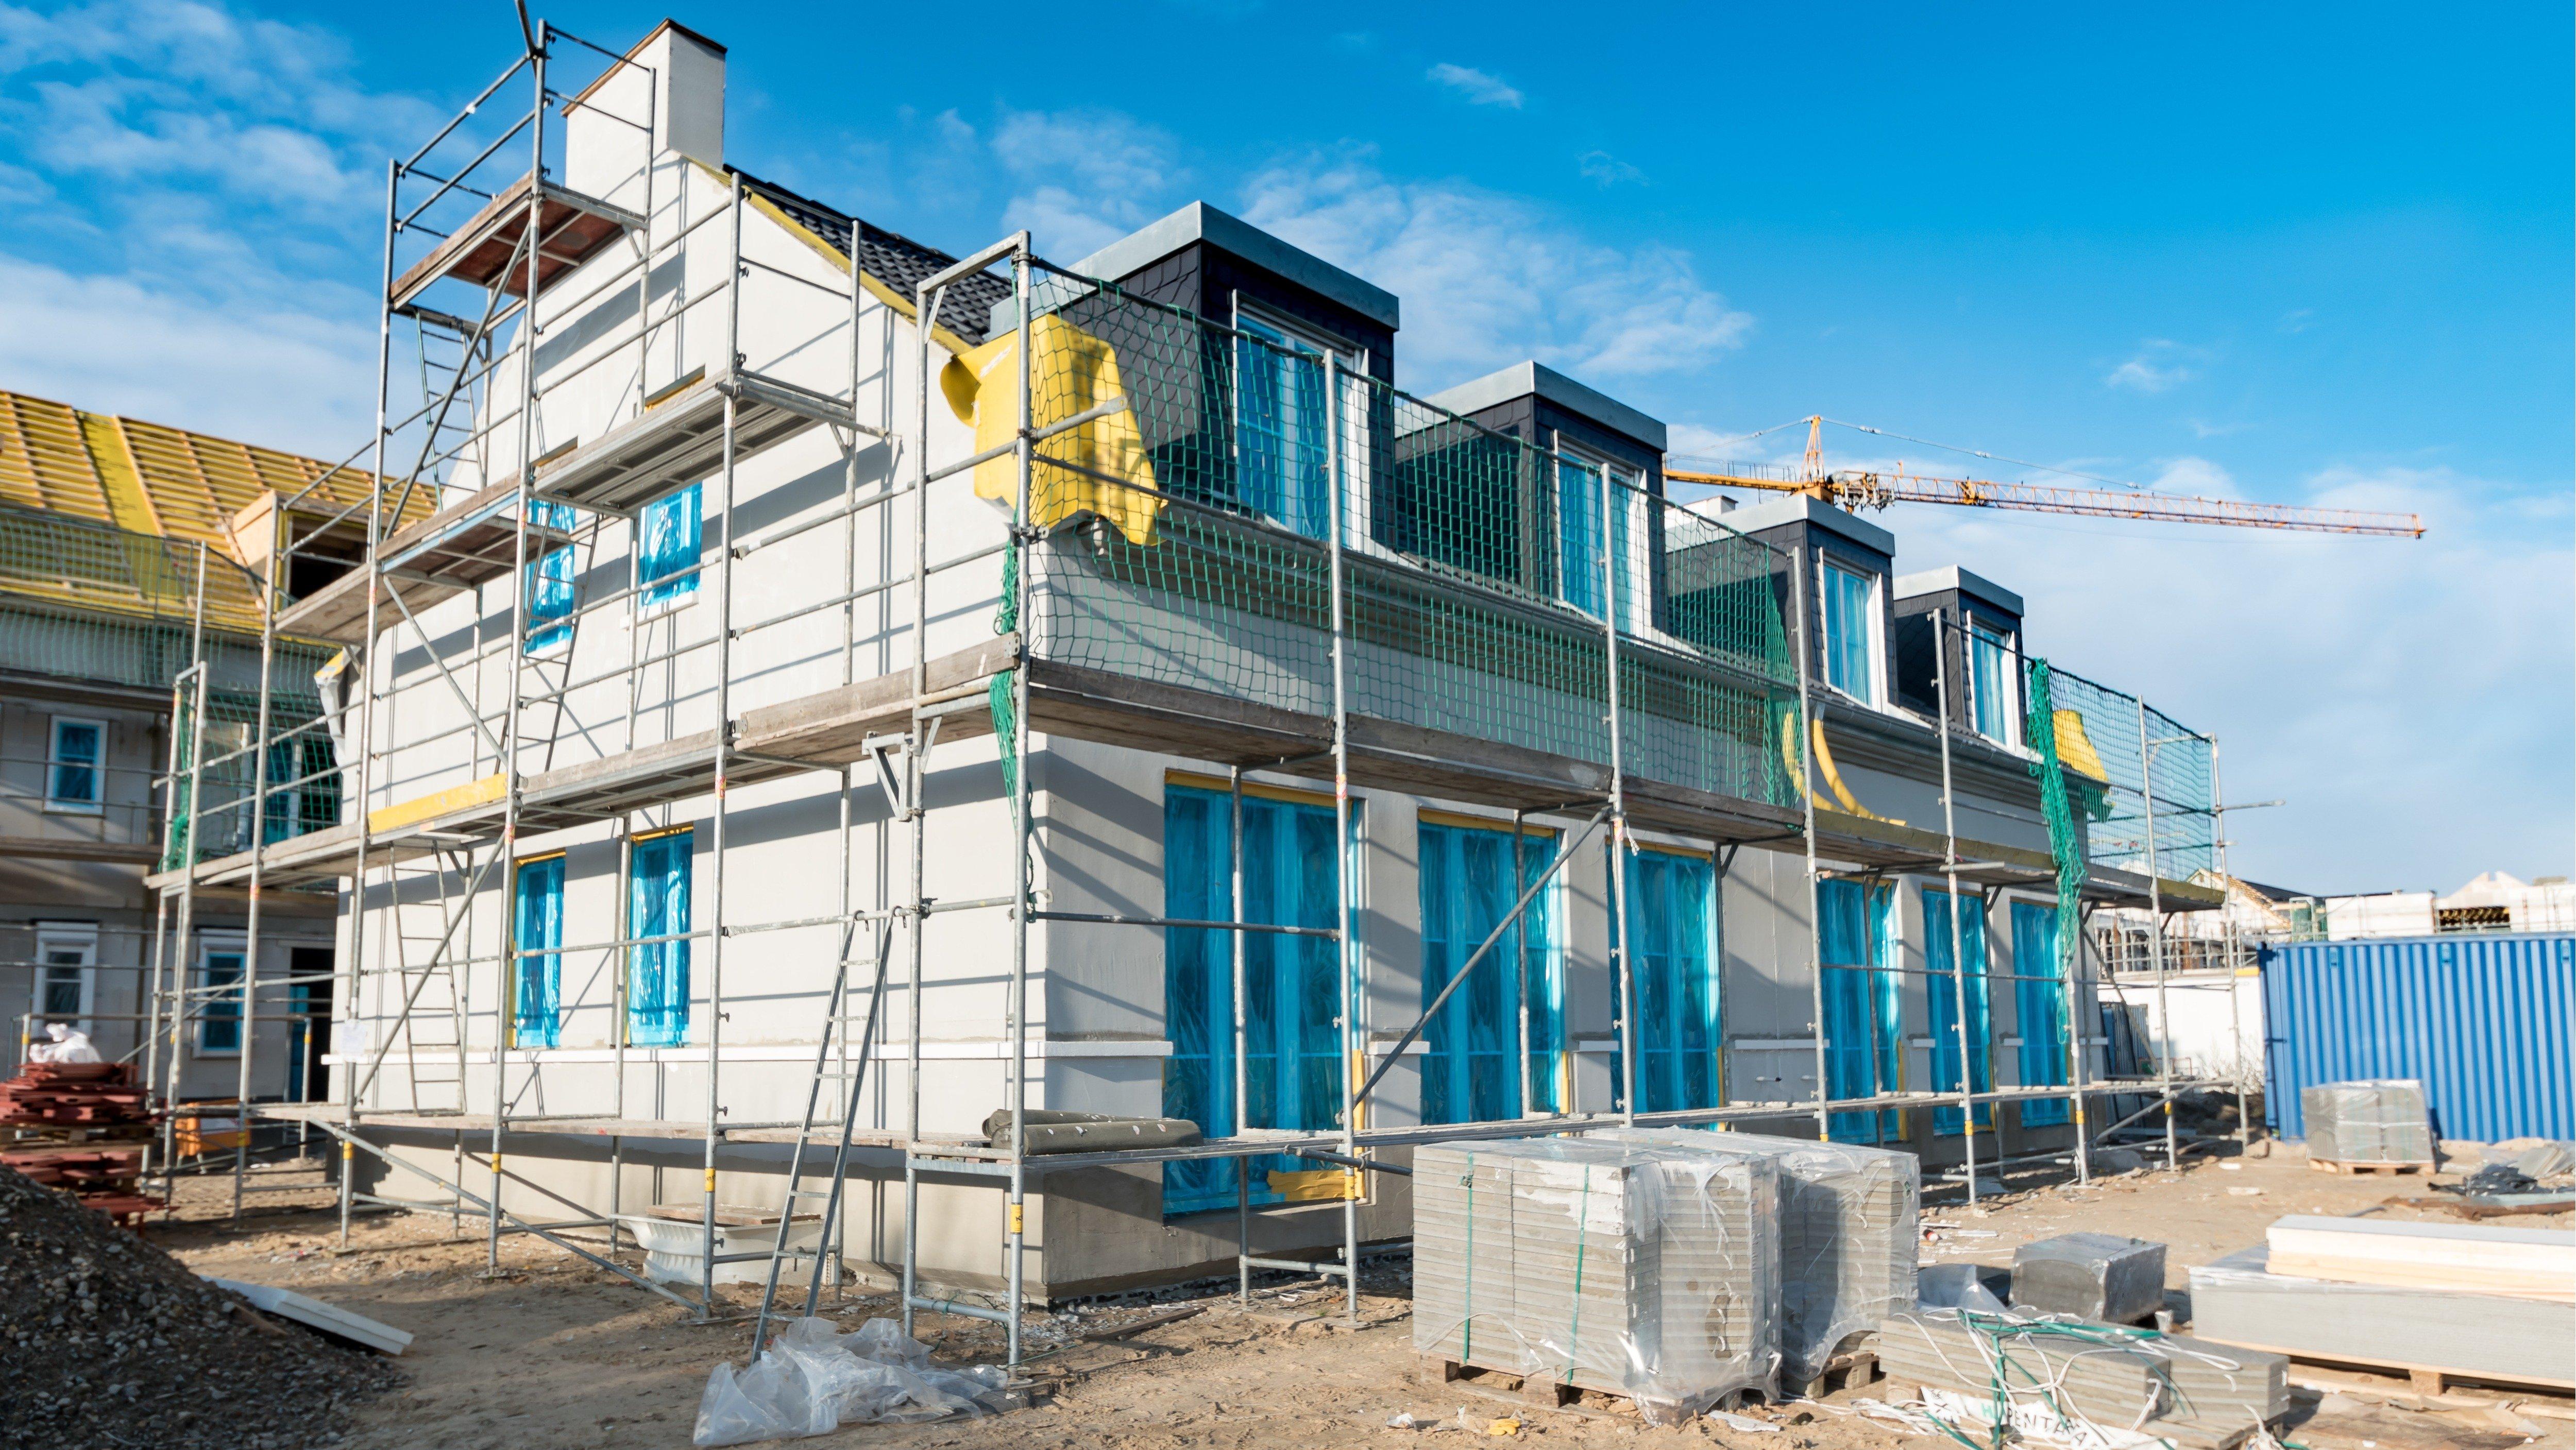 Hva koster byggestrømmen i et bolig-, boligfelt- eller hytteprosjekt?